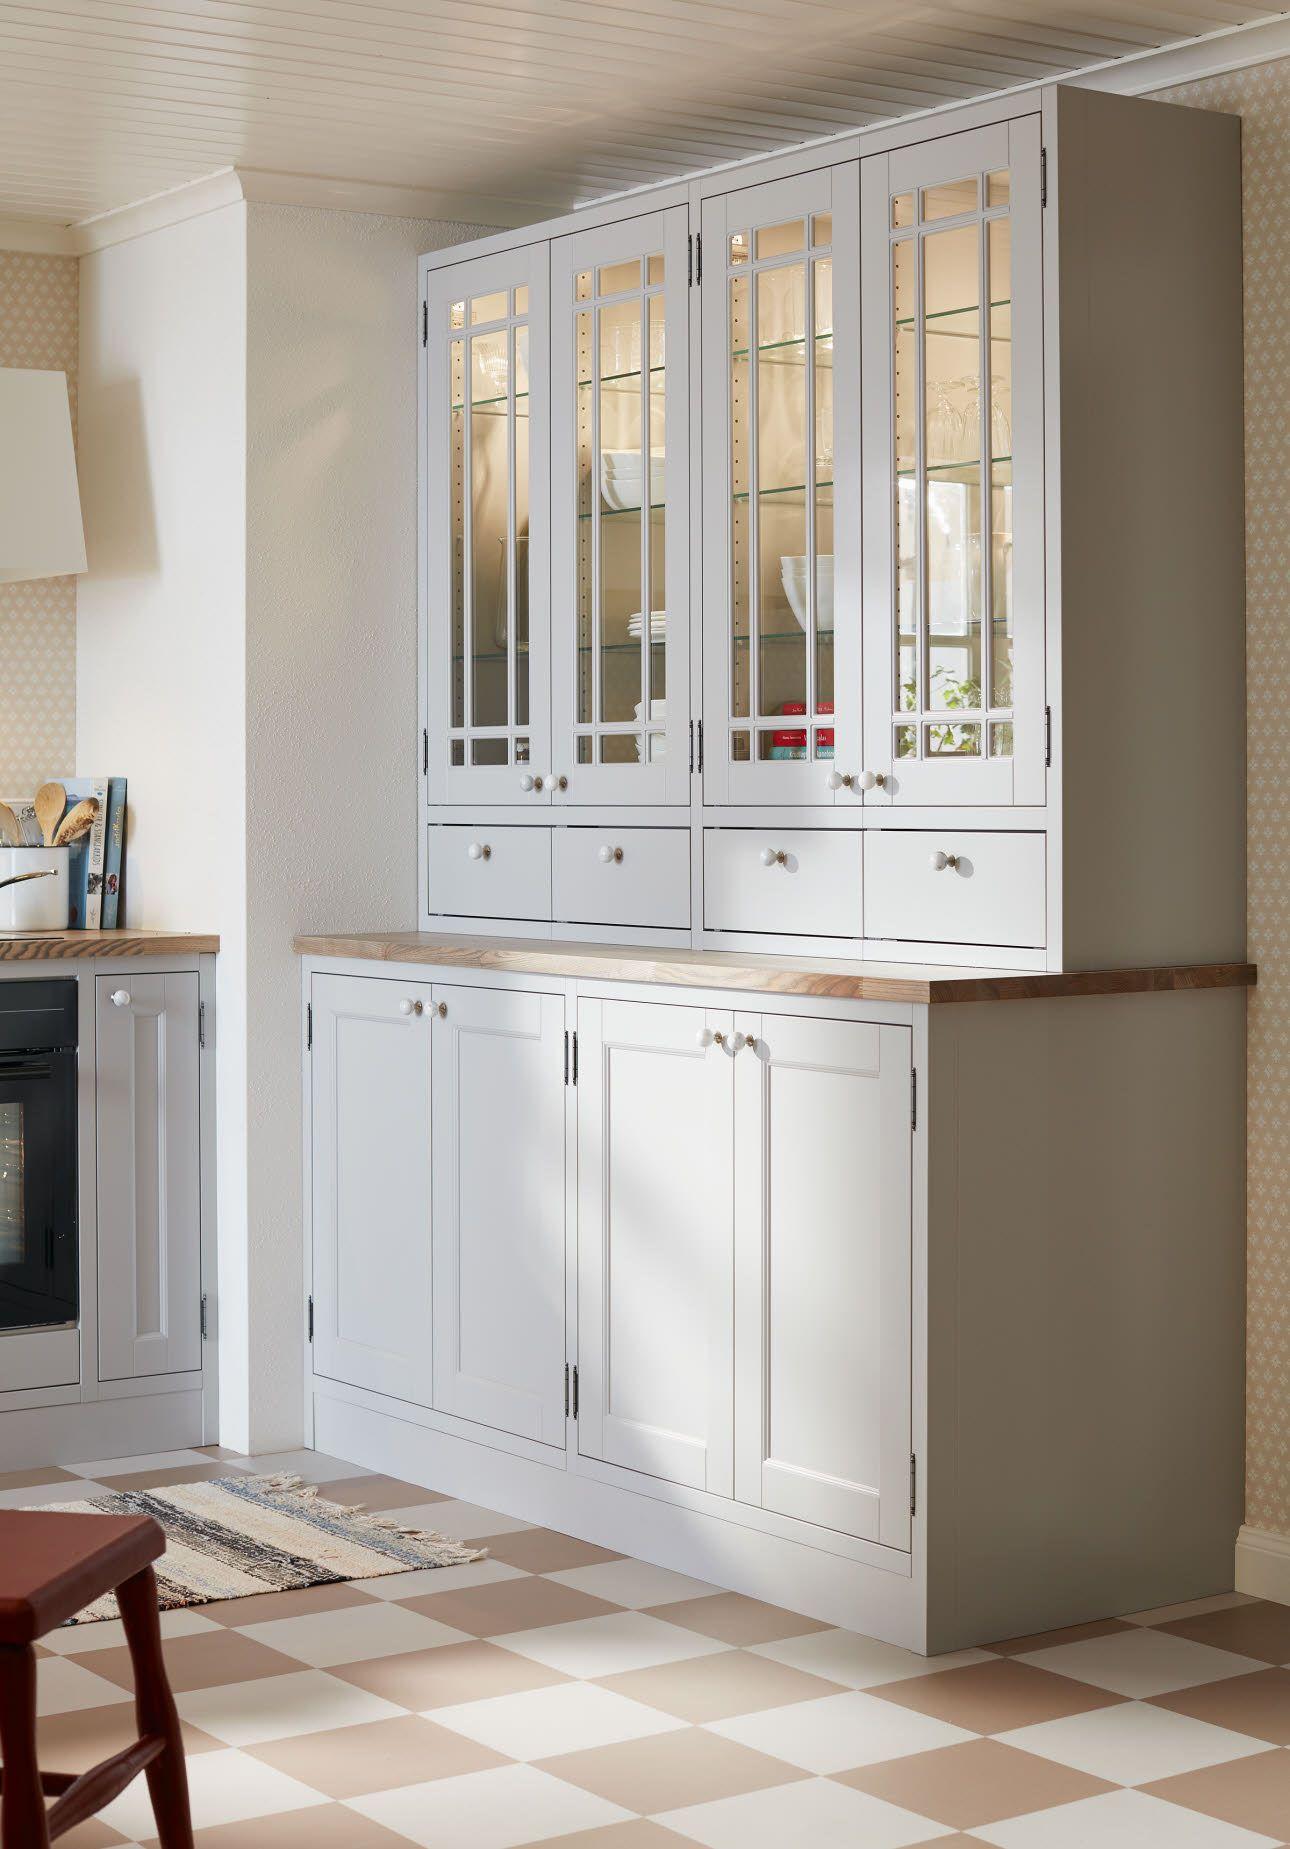 mobilia kitchen marbodal fager ljusgr plus b nkst ende vitrin k k